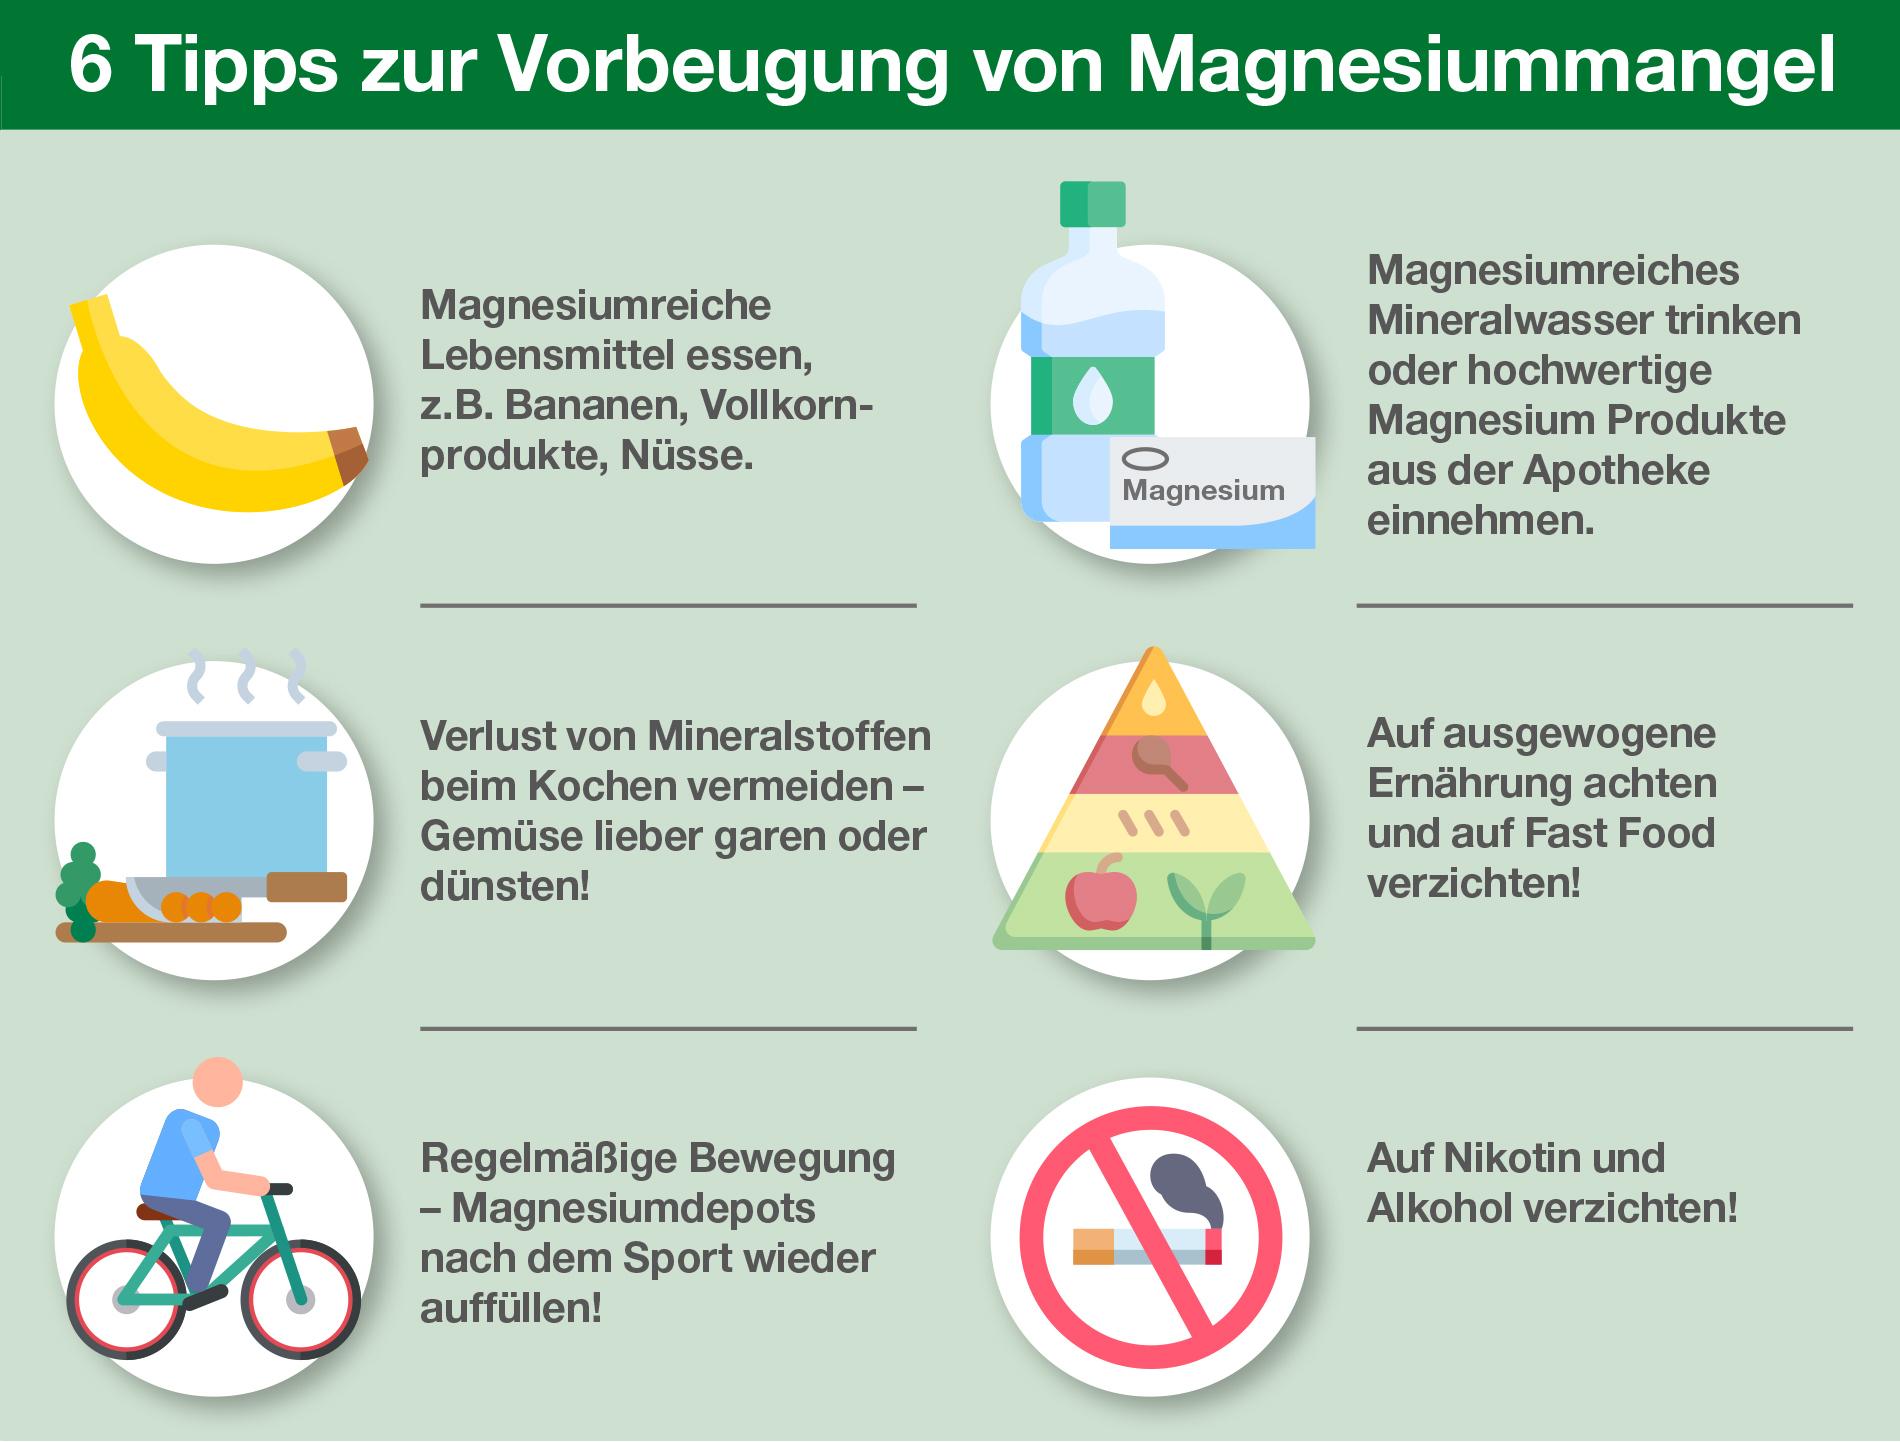 6 Tipps zur Vorbeugung von Magnesiummangel